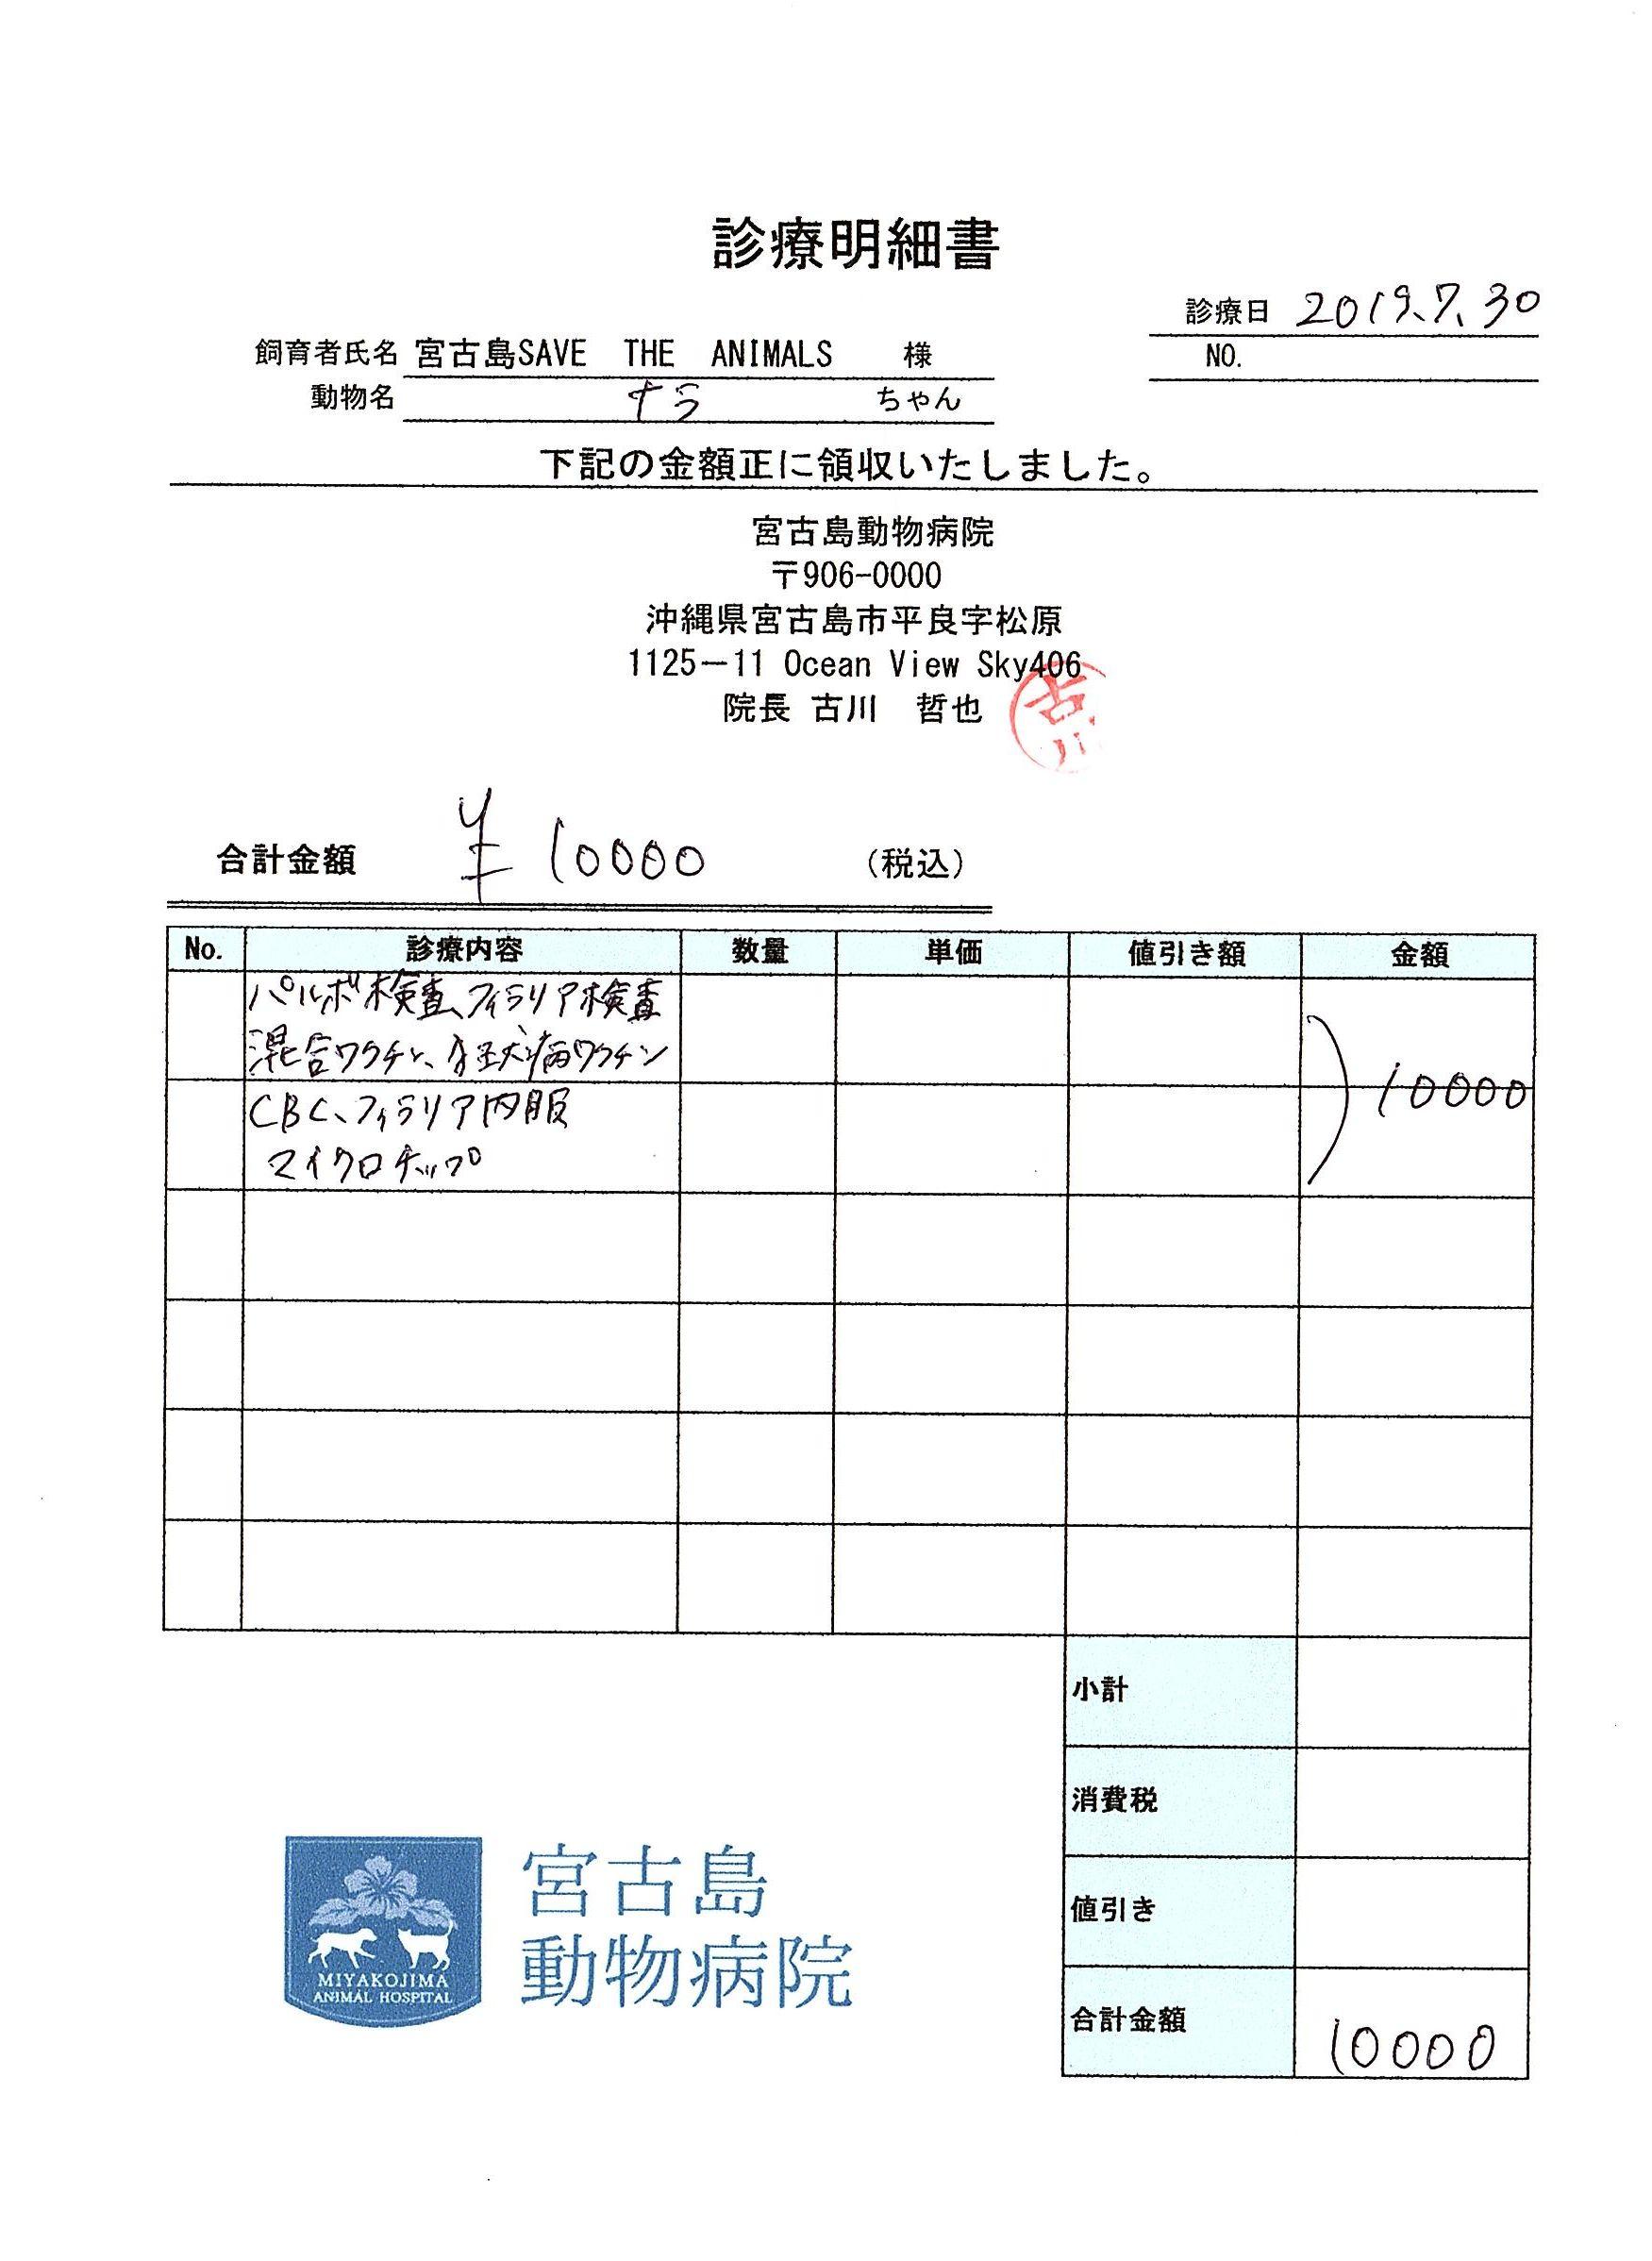 ナラ医療明細190730-2